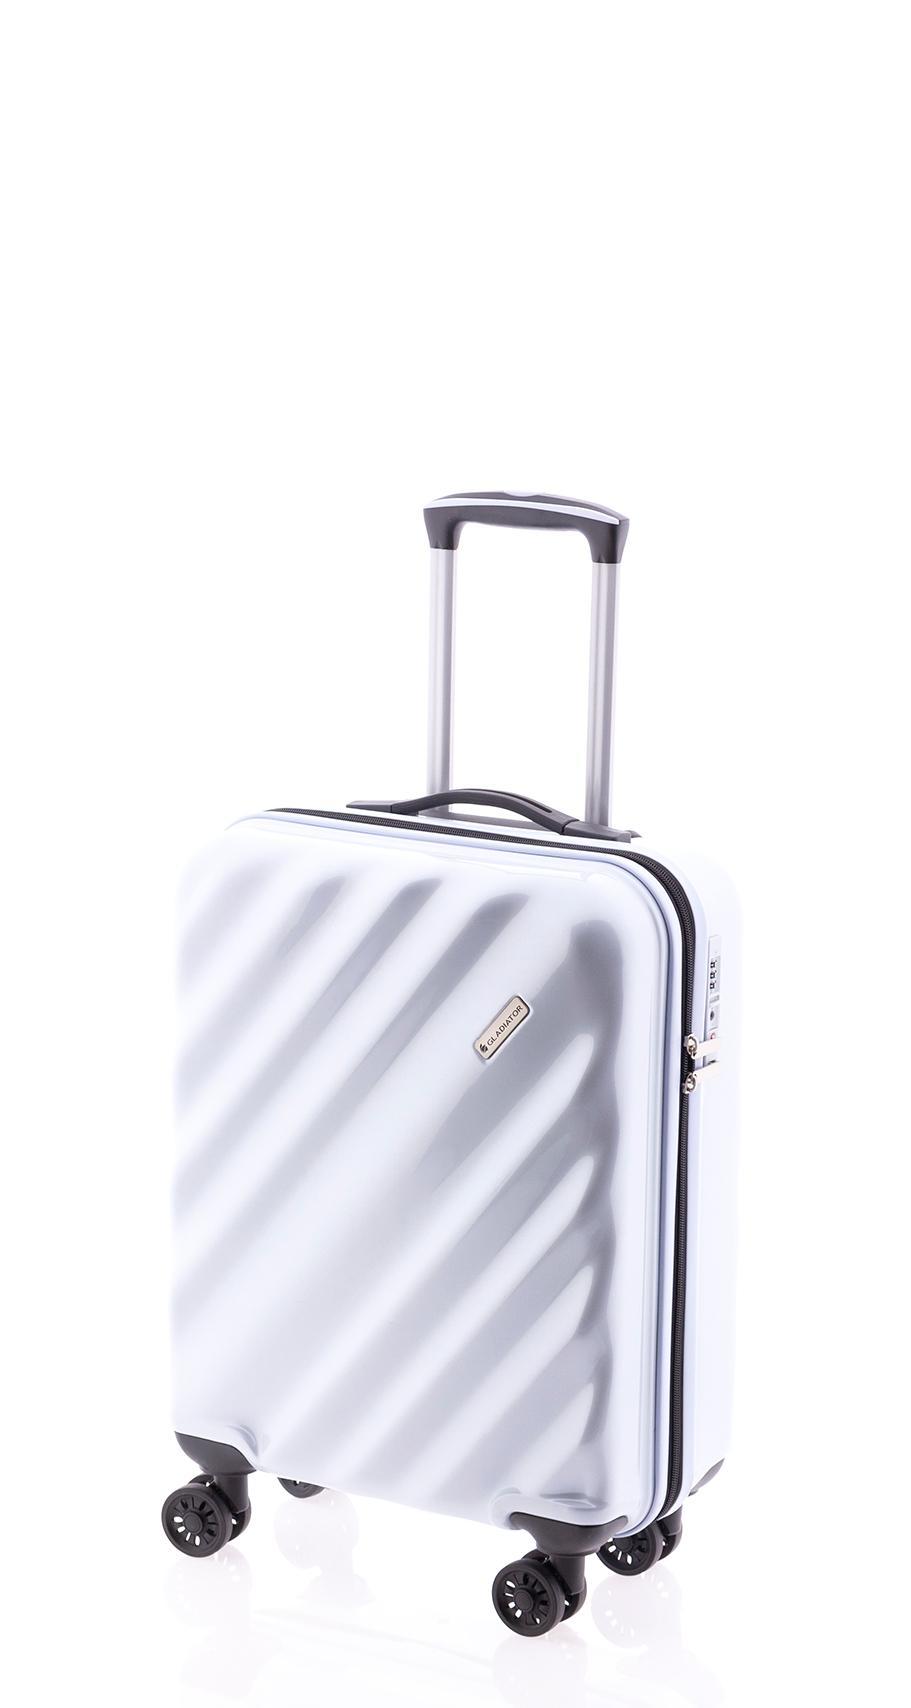 maletas-gladiator-glam-cabina-pequena-391001